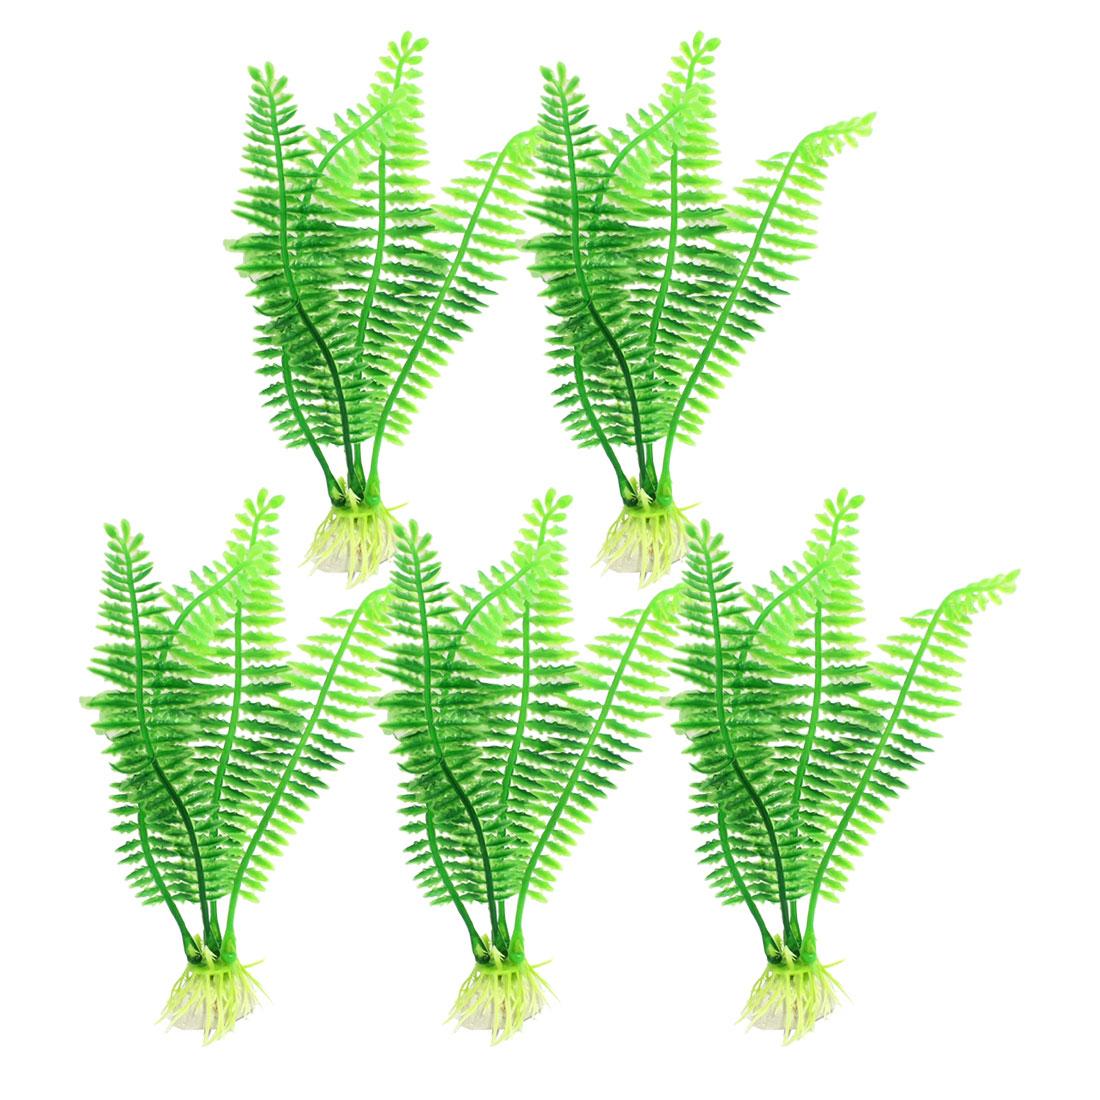 """5 Pcs 6.2"""" High Aquarium Fish Tank Decorative Green Plastic Plant"""